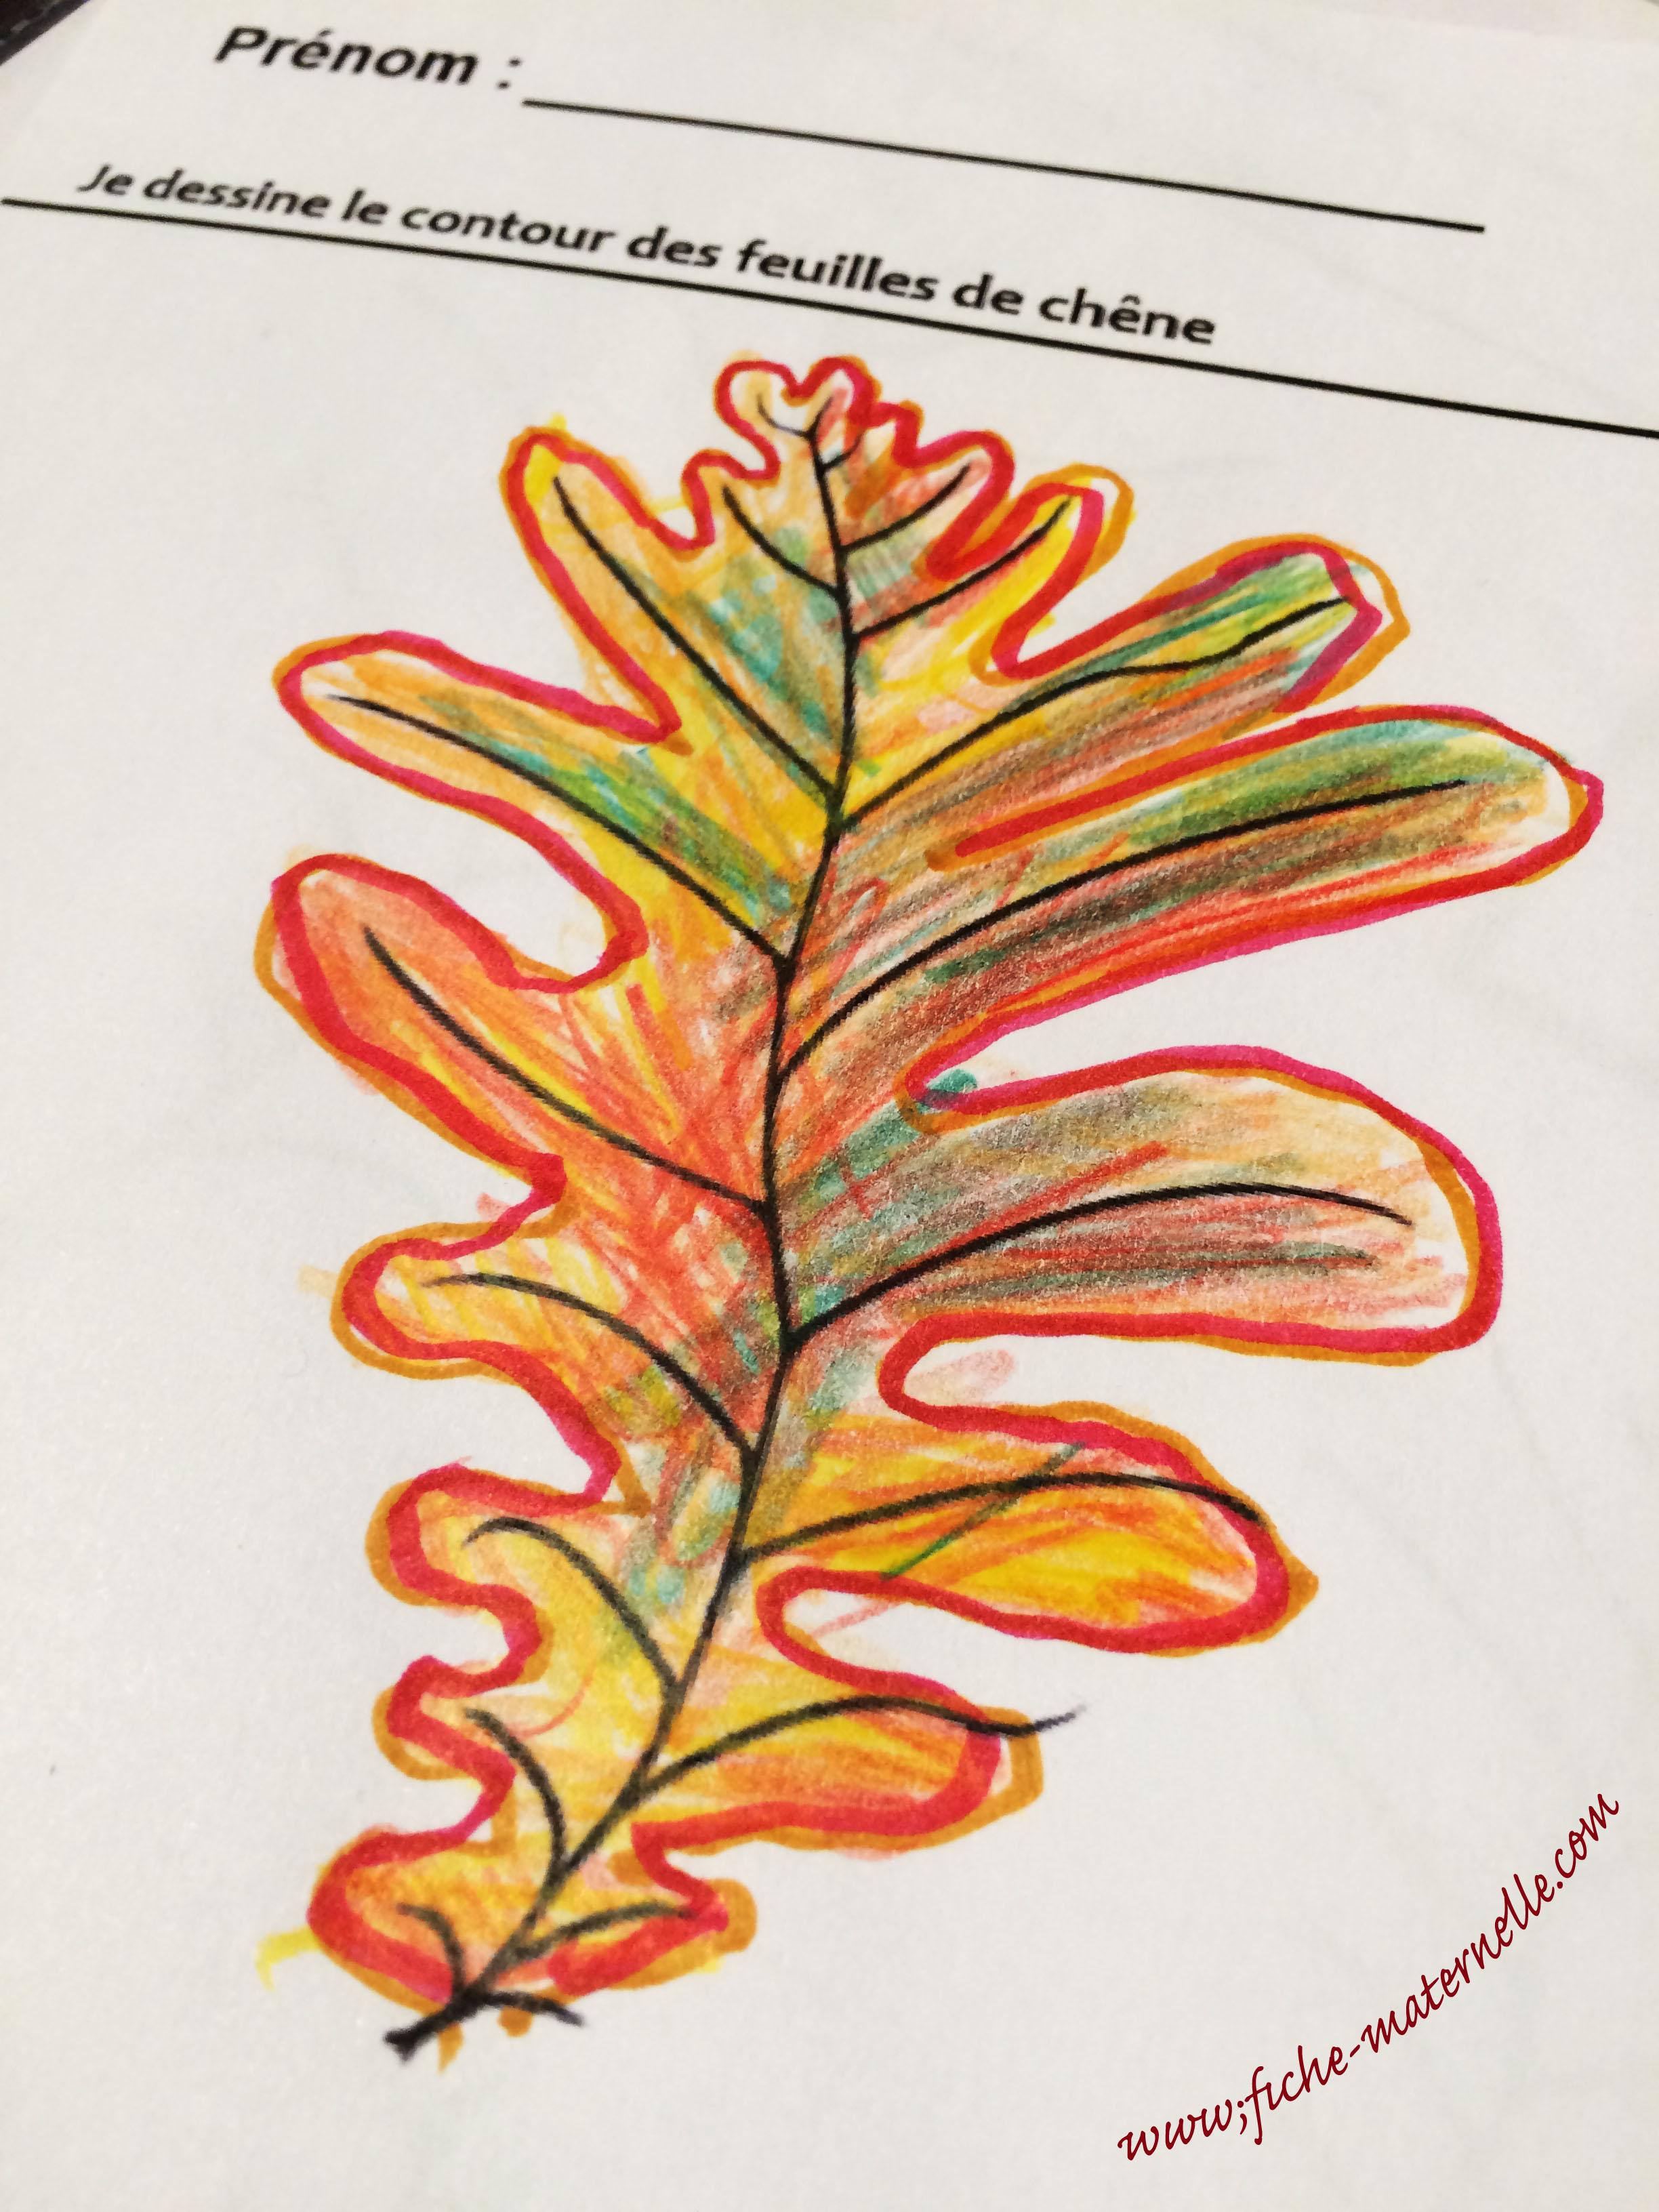 Graphisme sur le th me de l 39 automne la ligne qui ondule - Dessiner des feuilles d automne ...